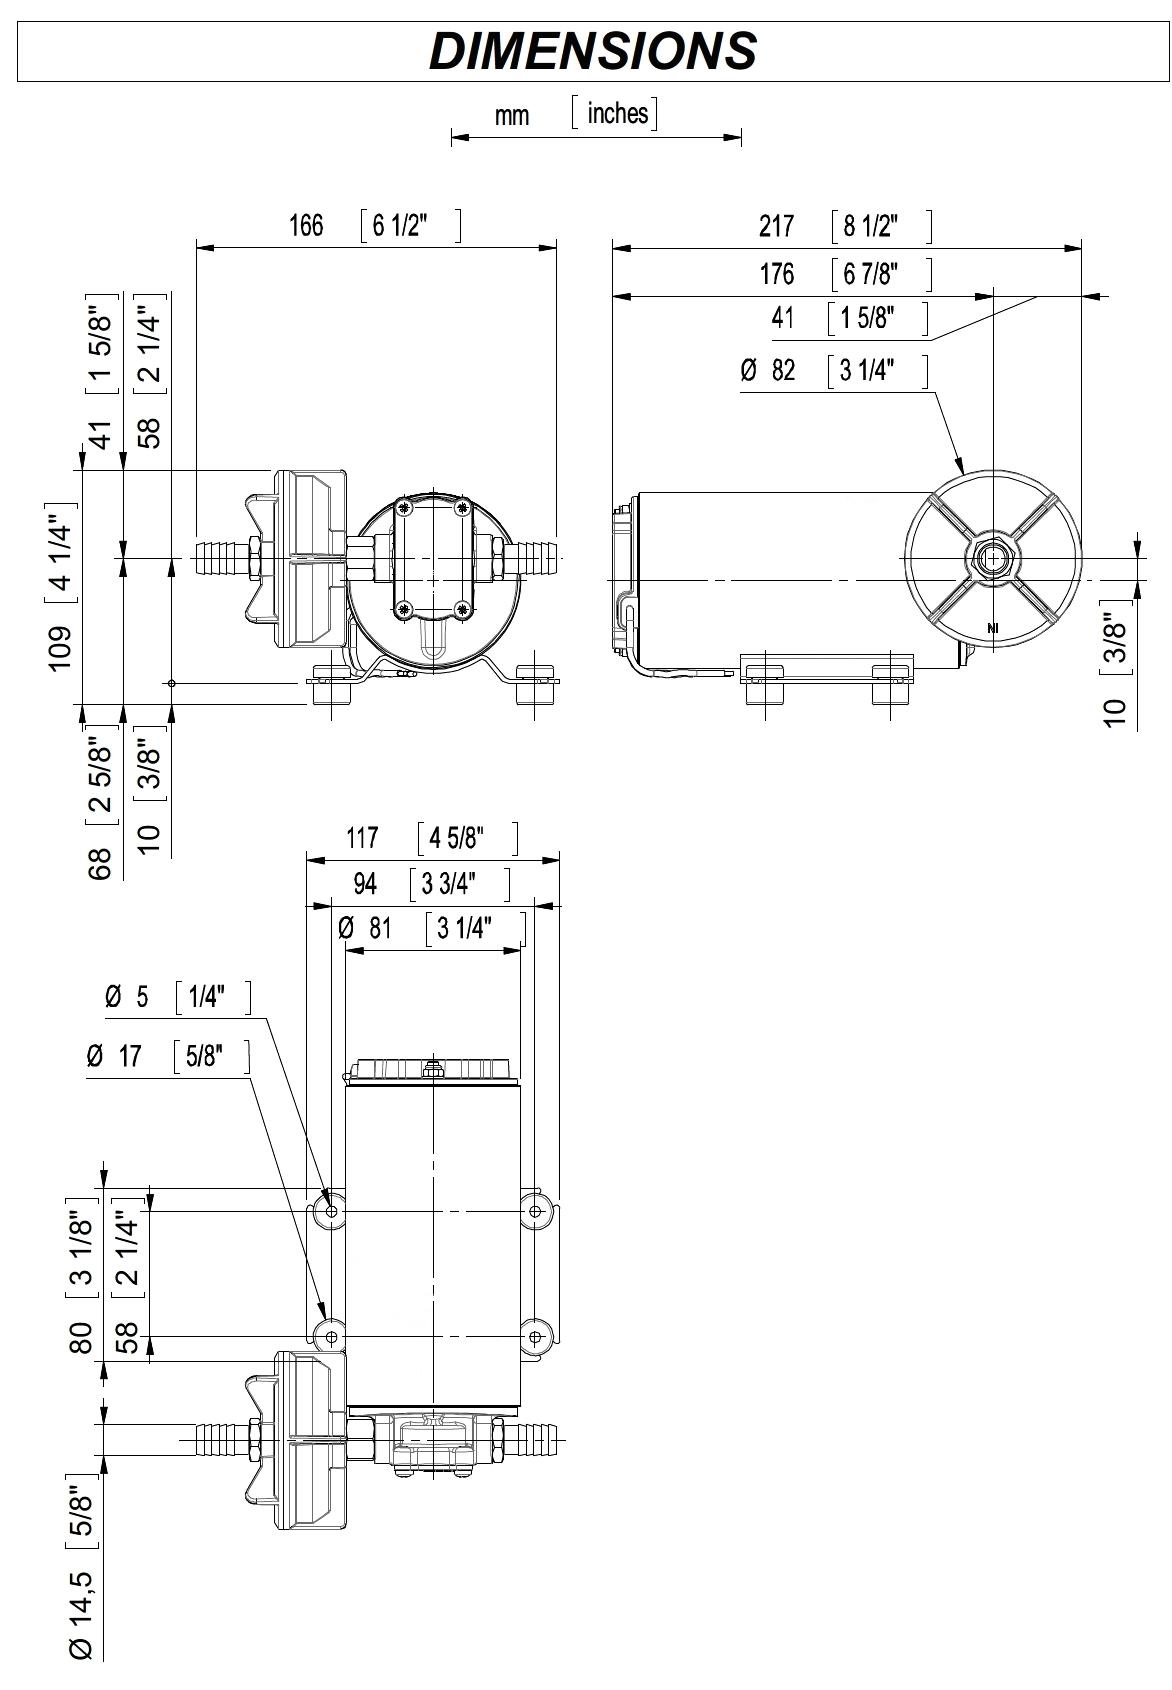 gp-303-dimensions.jpg